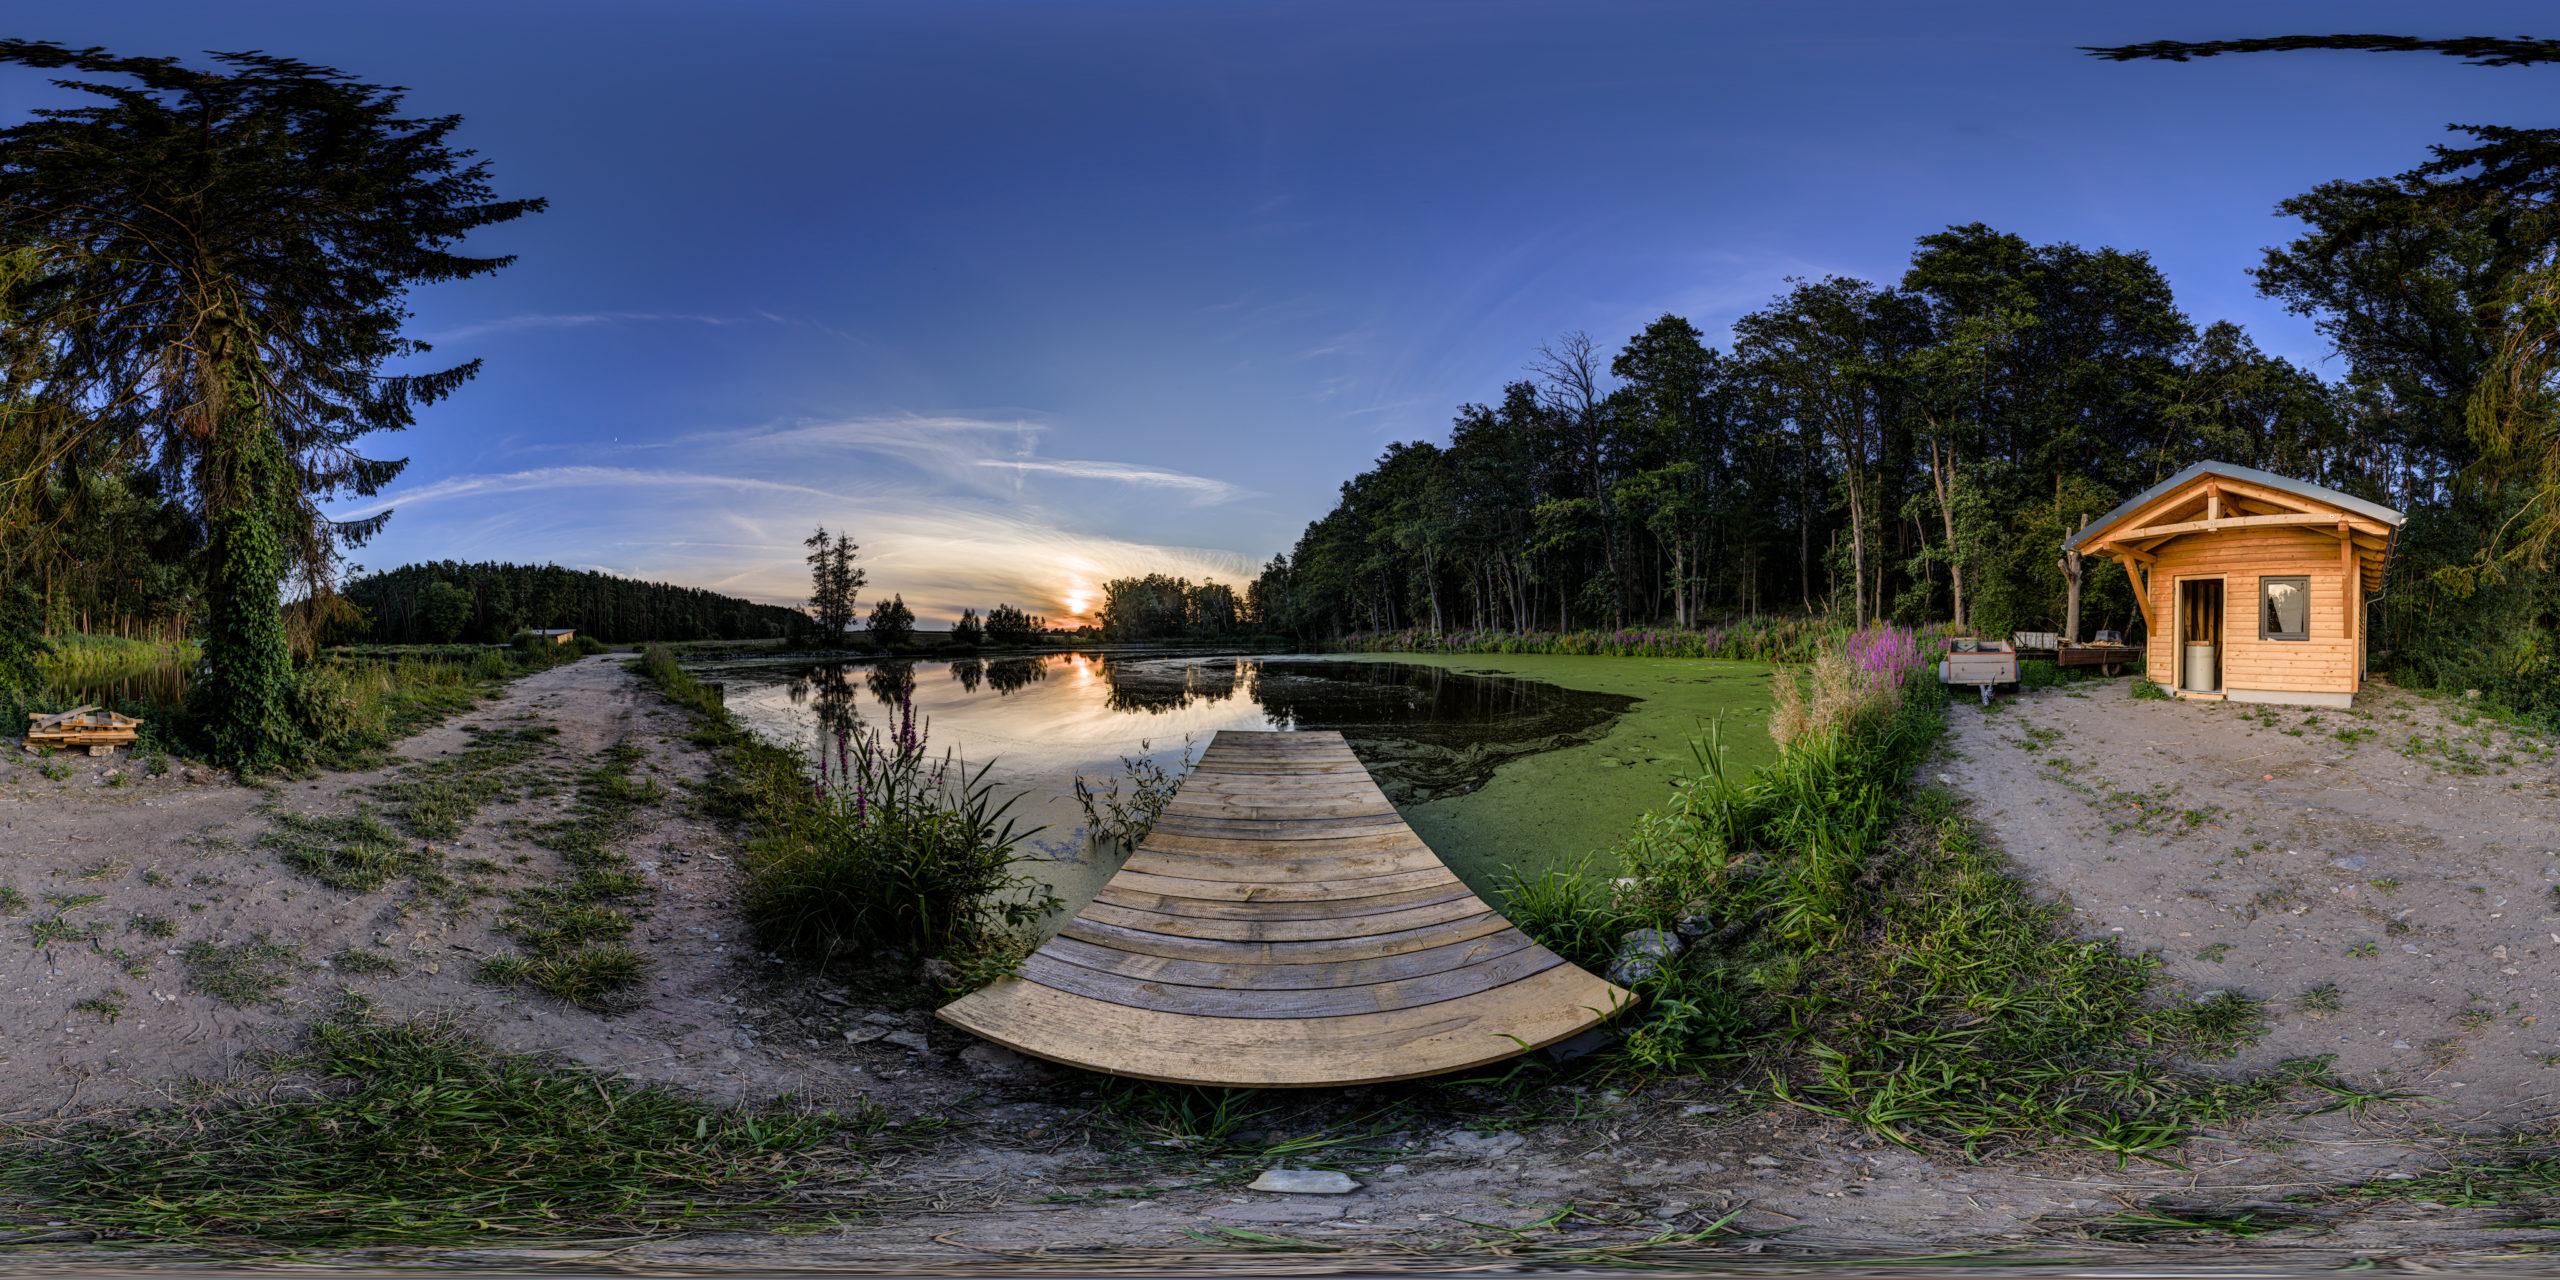 HDRI-Skies-Fishing-Pond-Steinbach